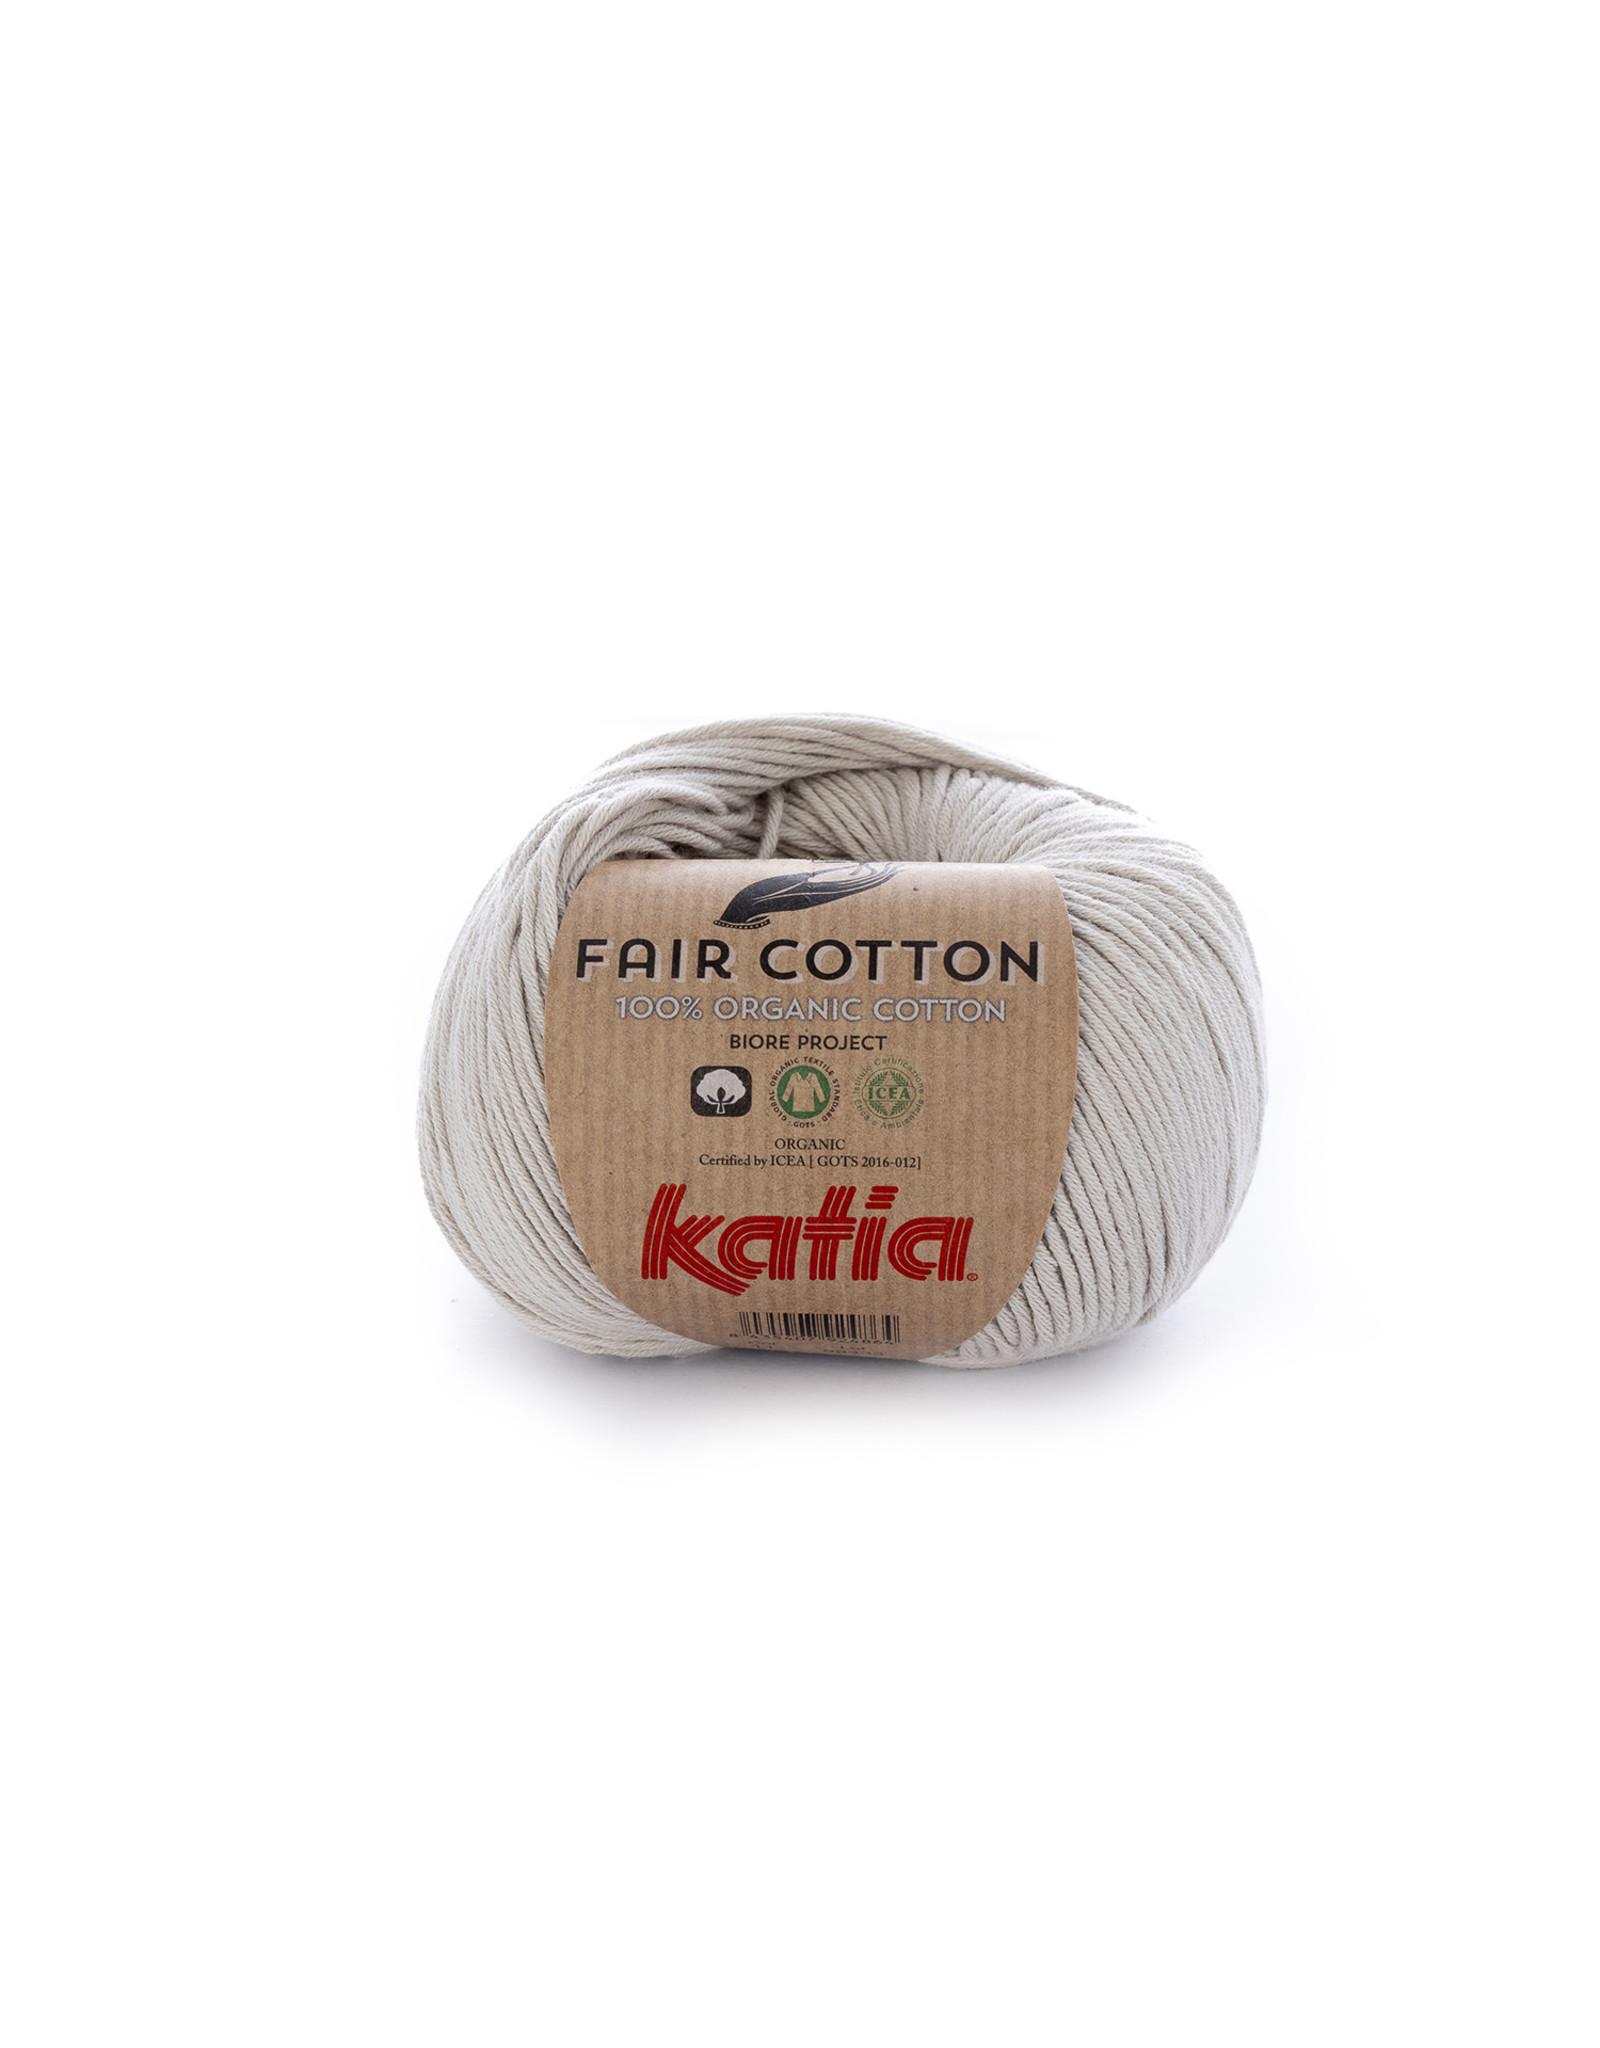 Katia Katia Fair Cotton 11 - parelmoer - lichtgrijs - 50 gr. - 100% biol. katoen